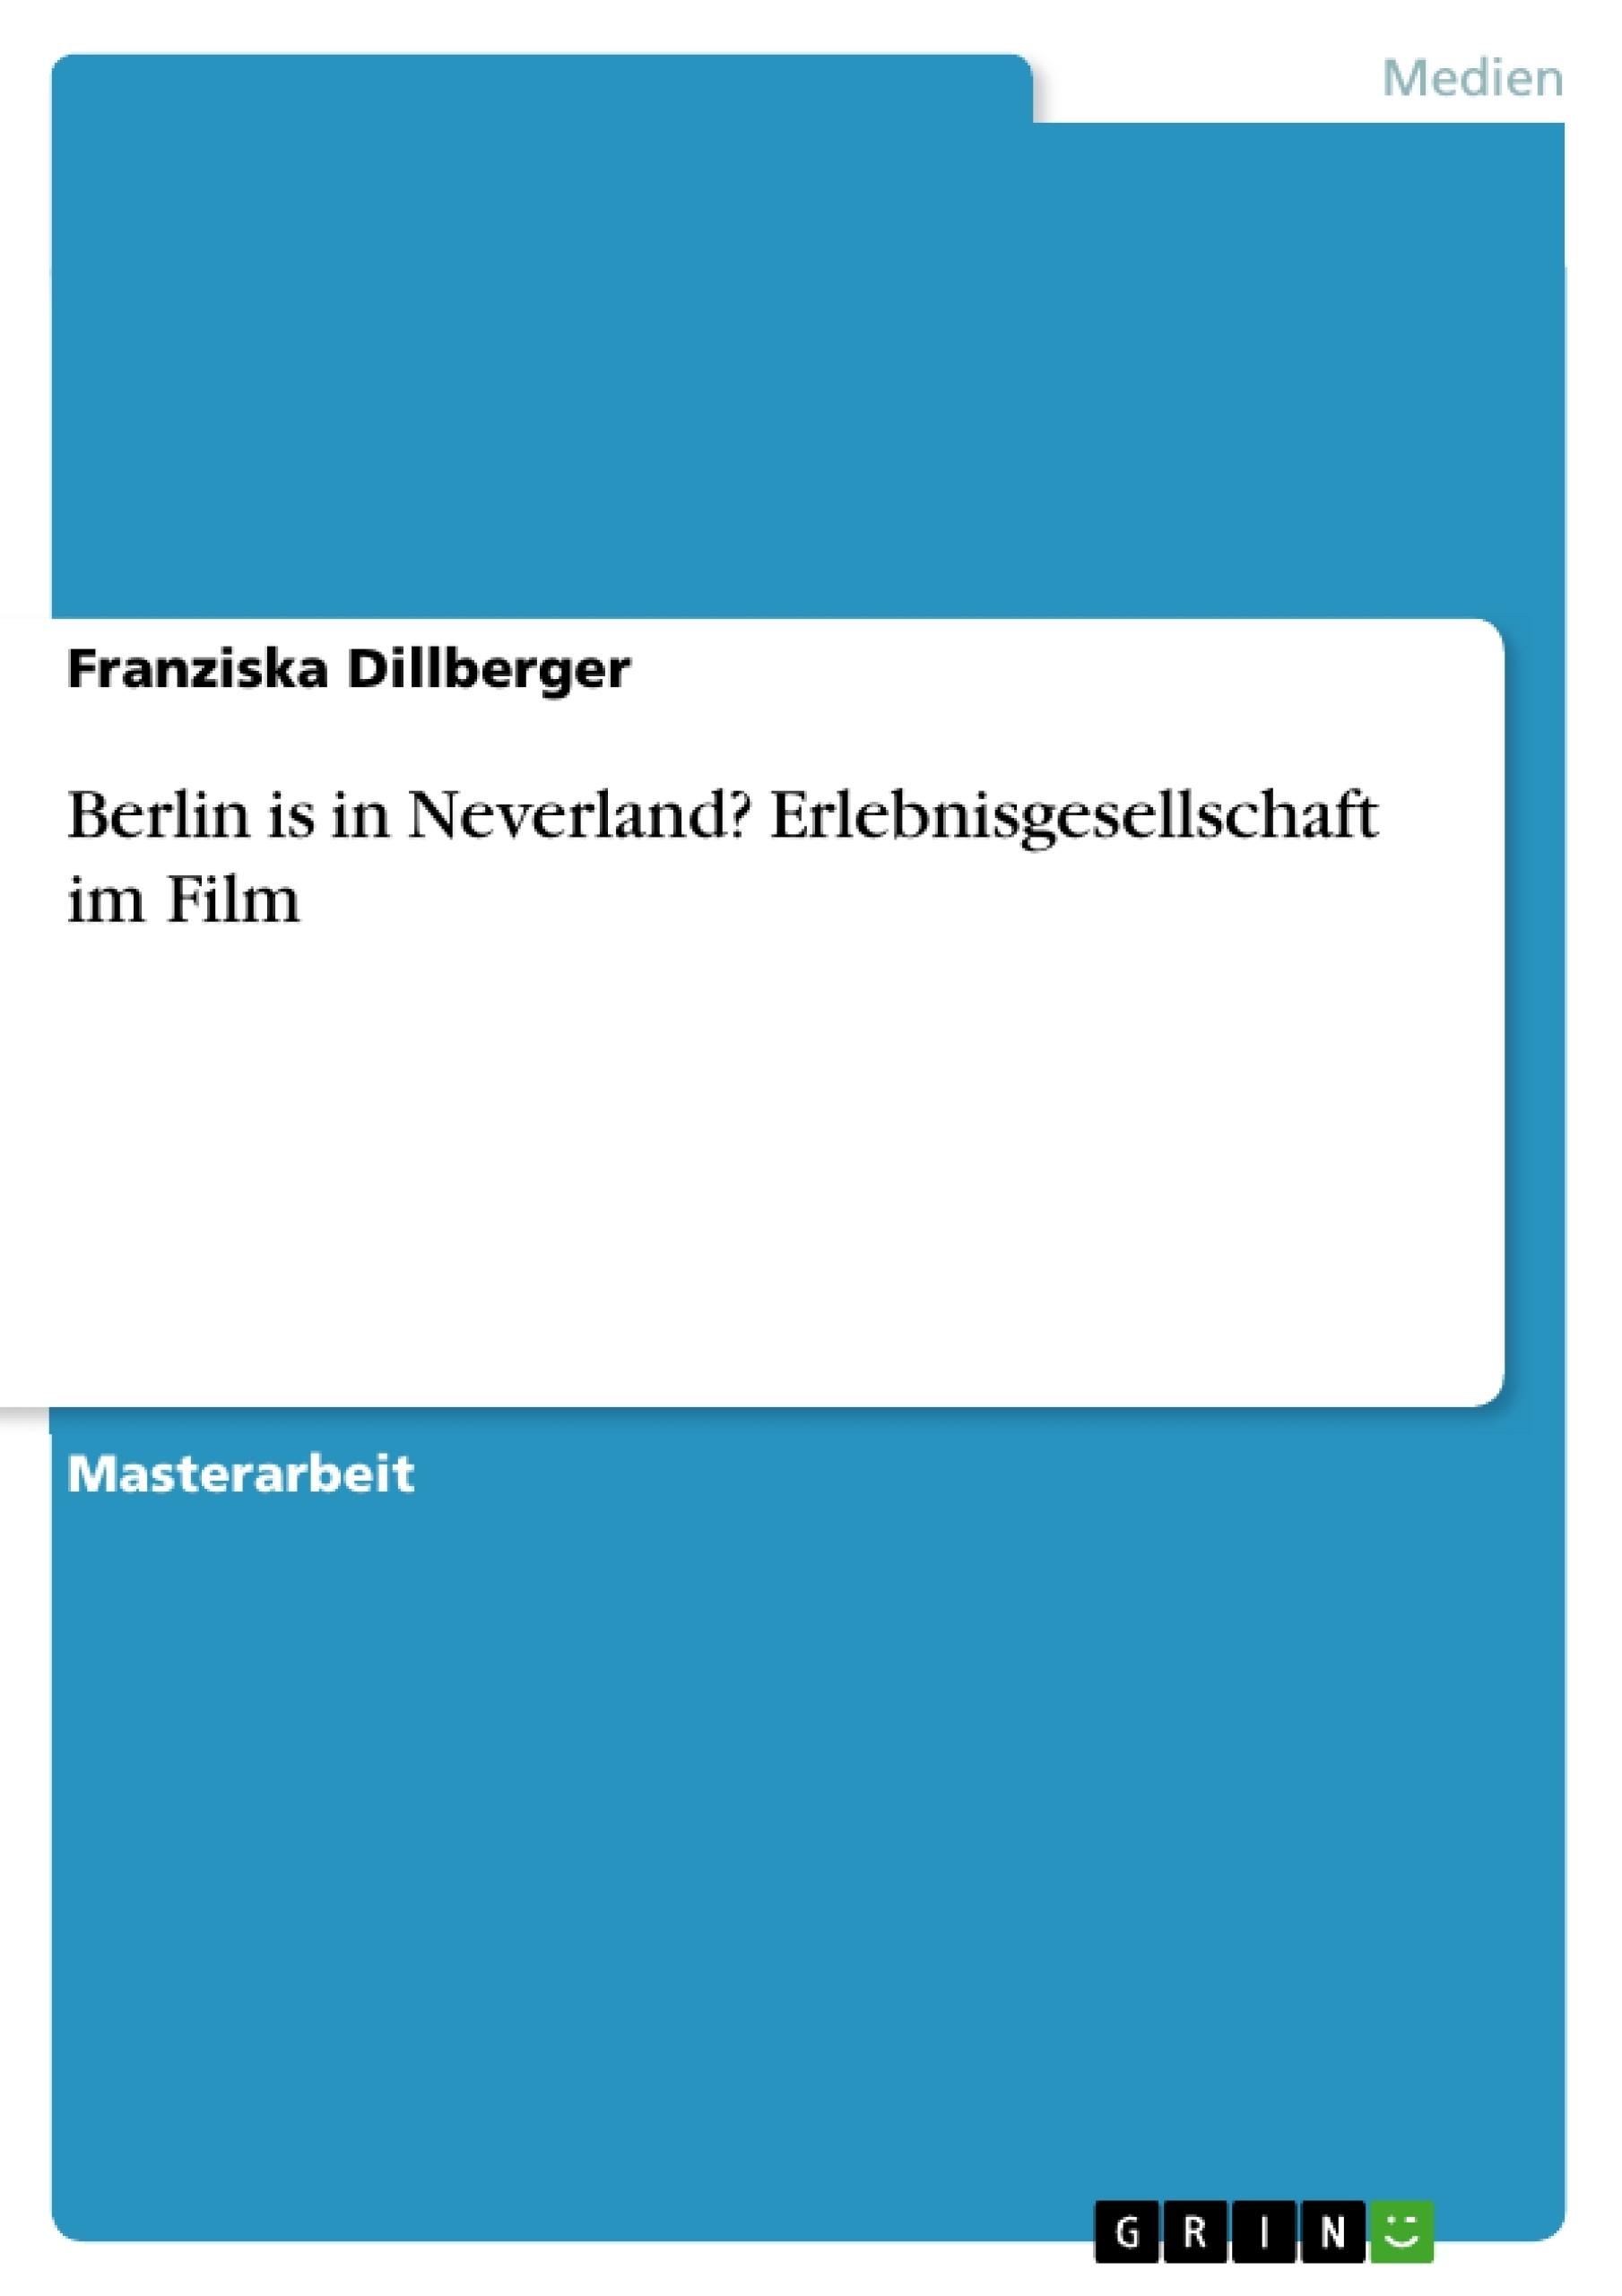 Titel: Berlin is in Neverland? Erlebnisgesellschaft im Film